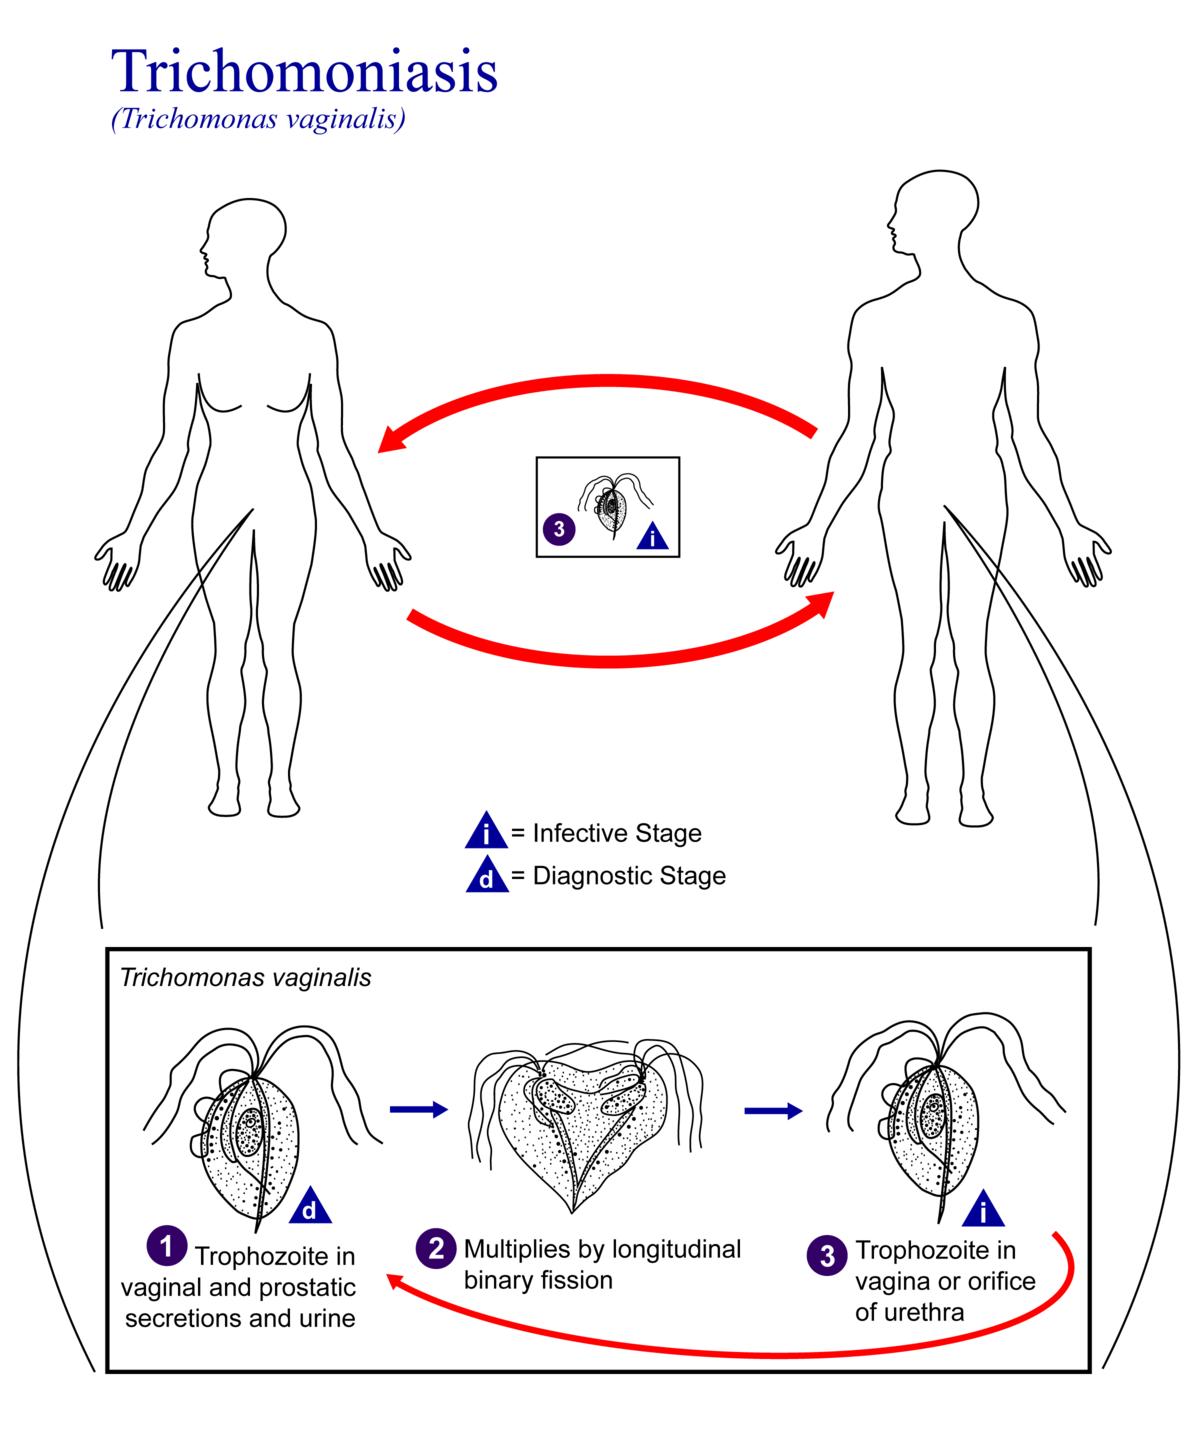 ostorféreg betegség tricho)